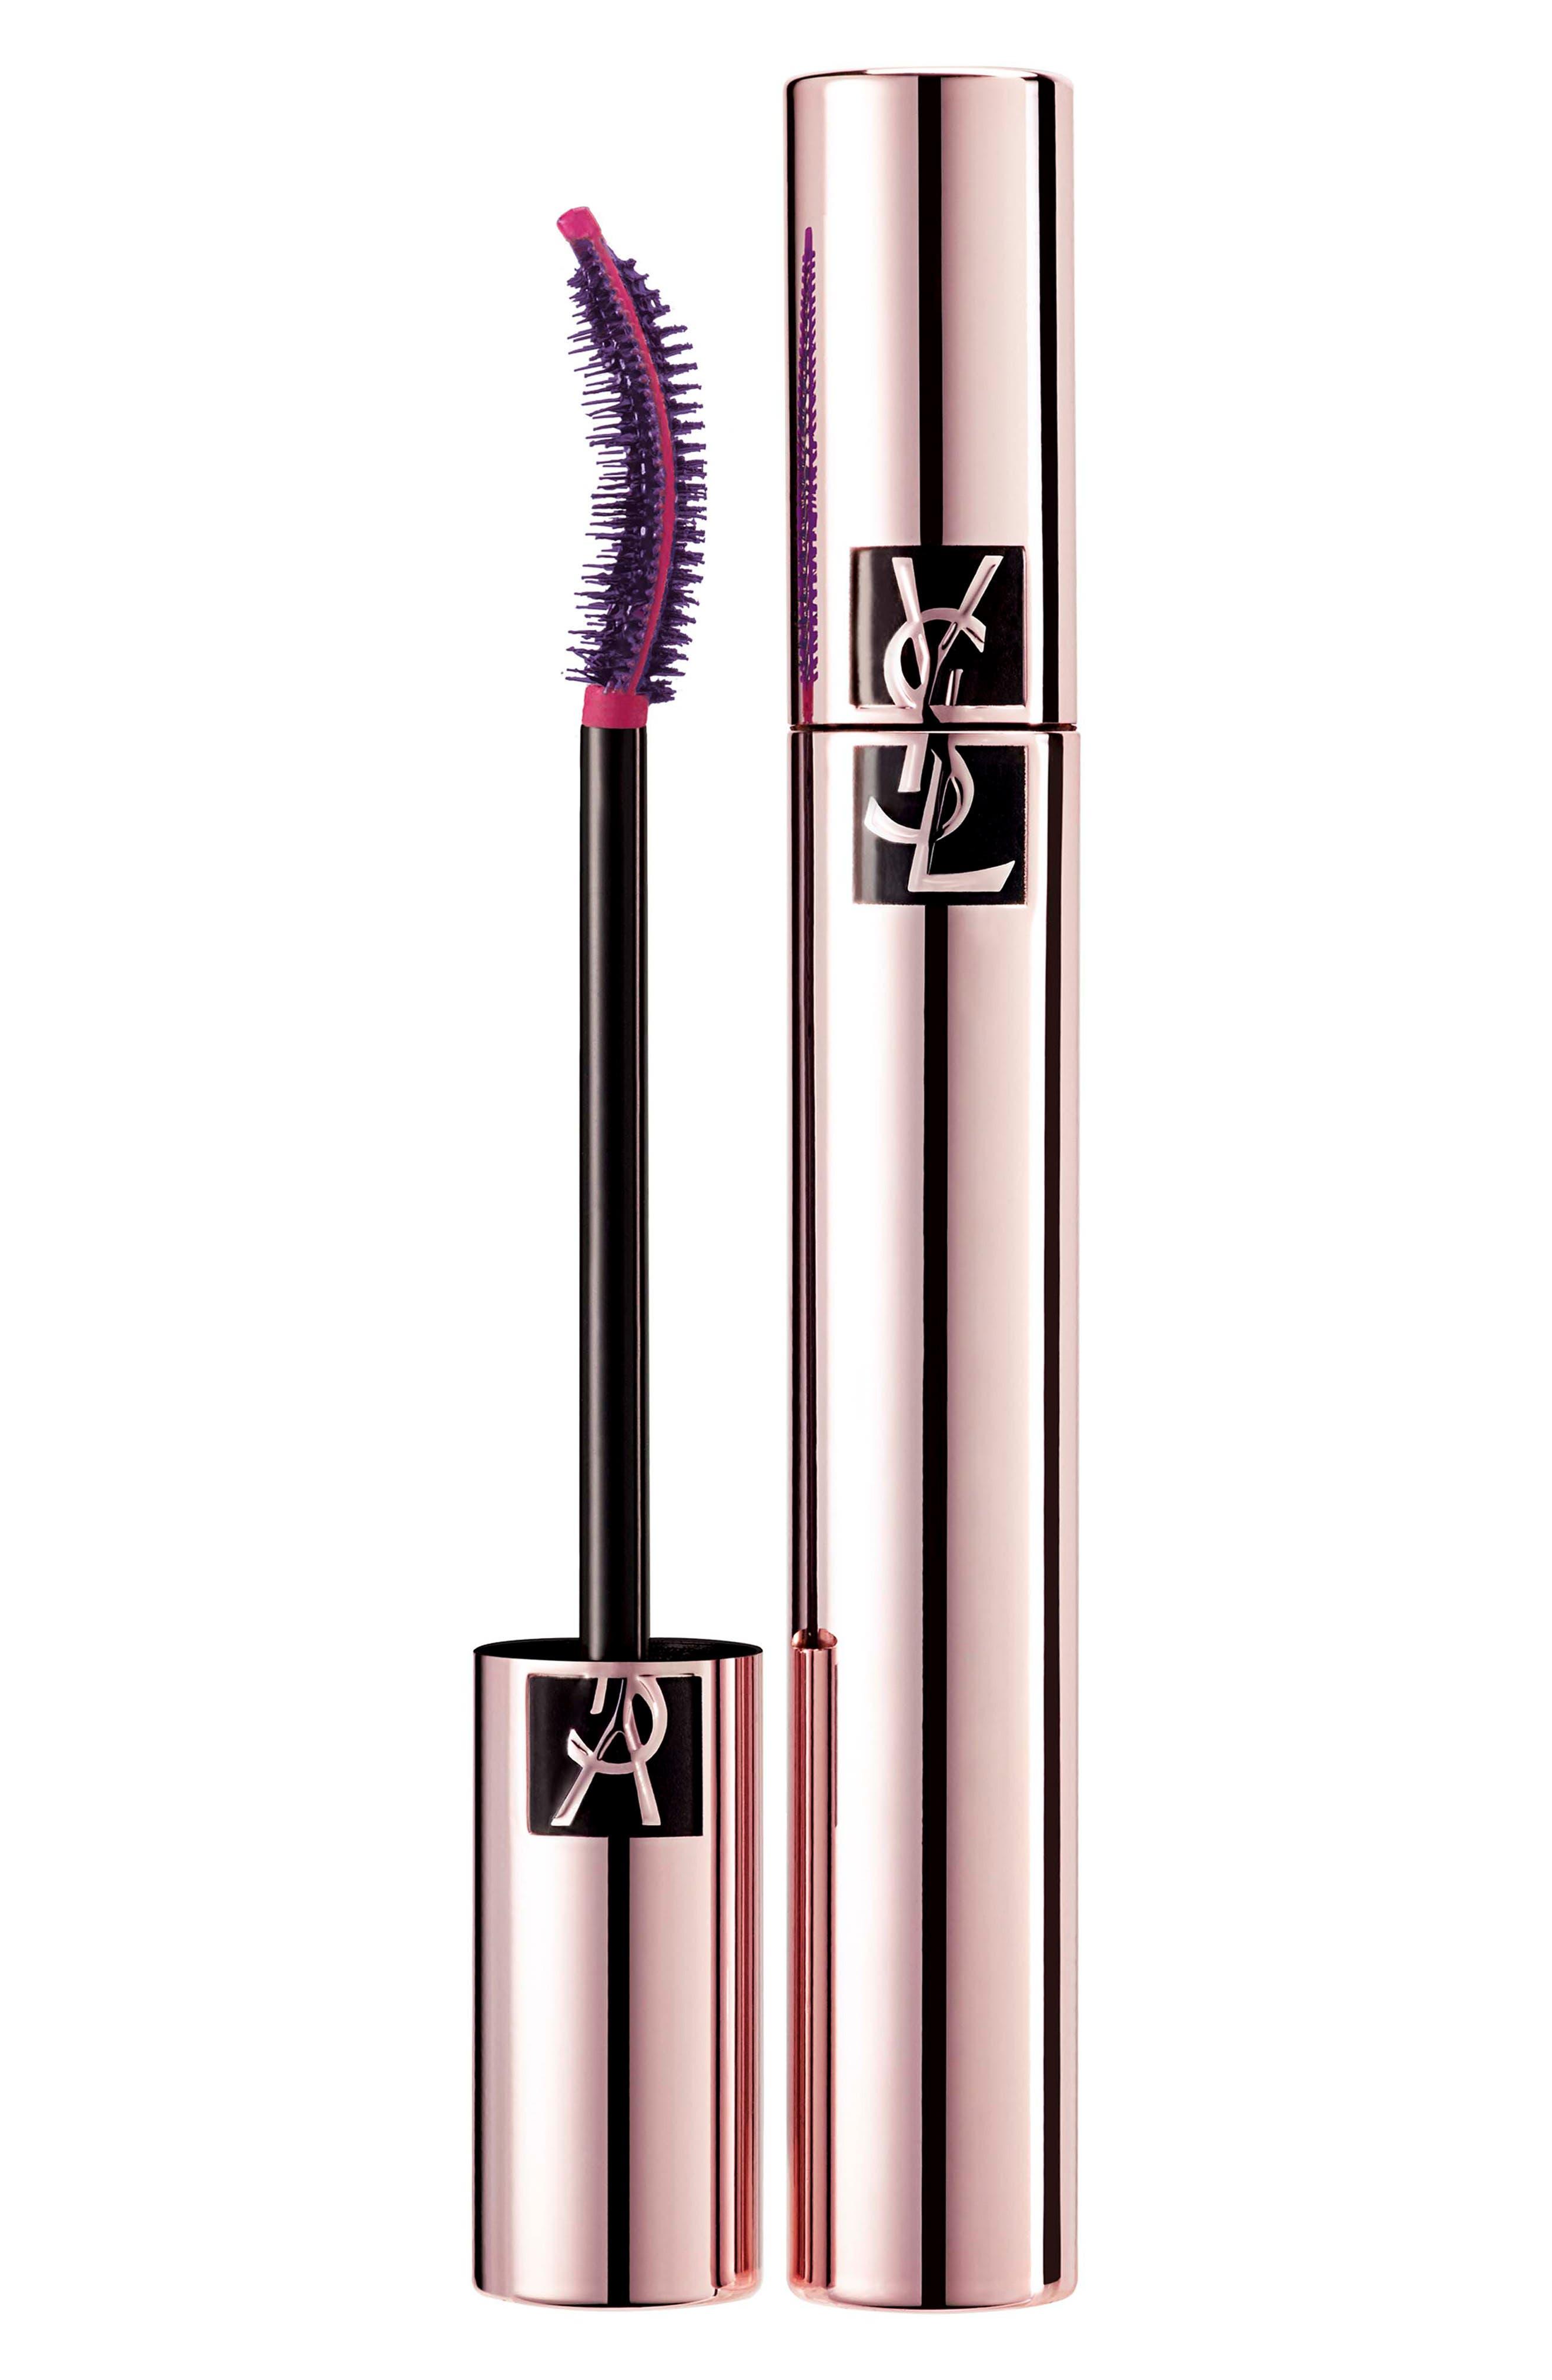 Yves Saint Laurent Le Curler Mascara Volume Effet Faux Cils - Violet Malicieux